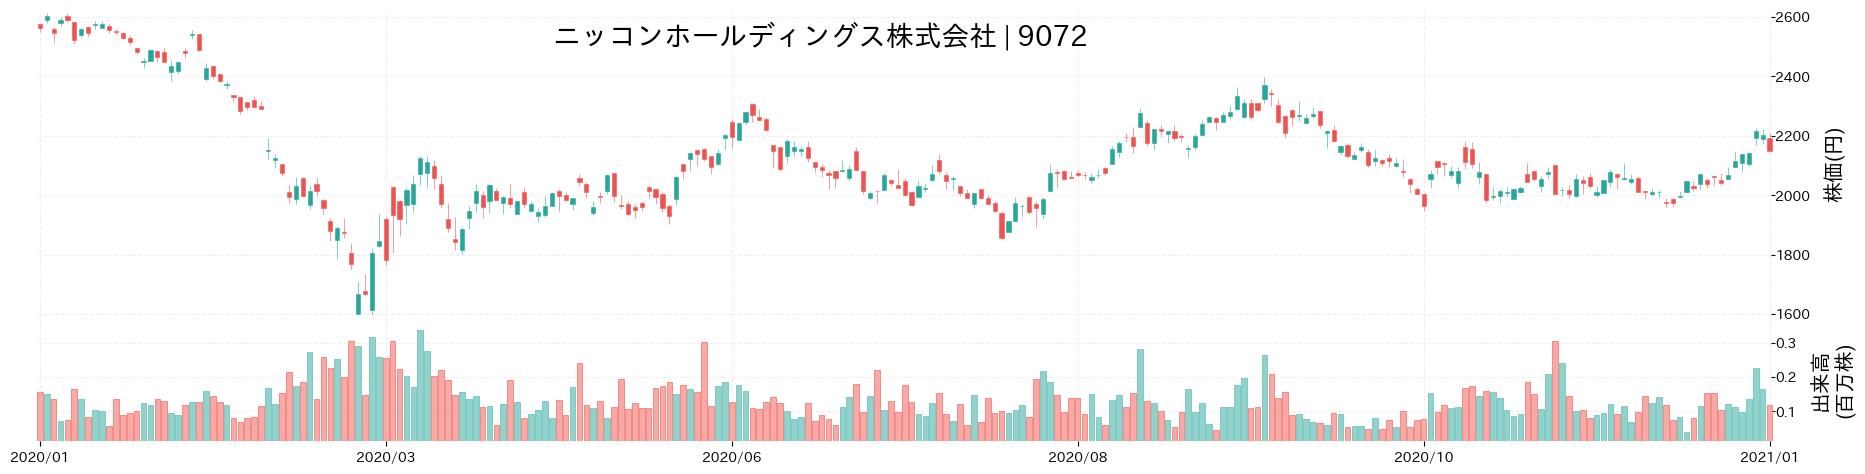 ニッコンホールディングス株式会社の株価推移(2020)